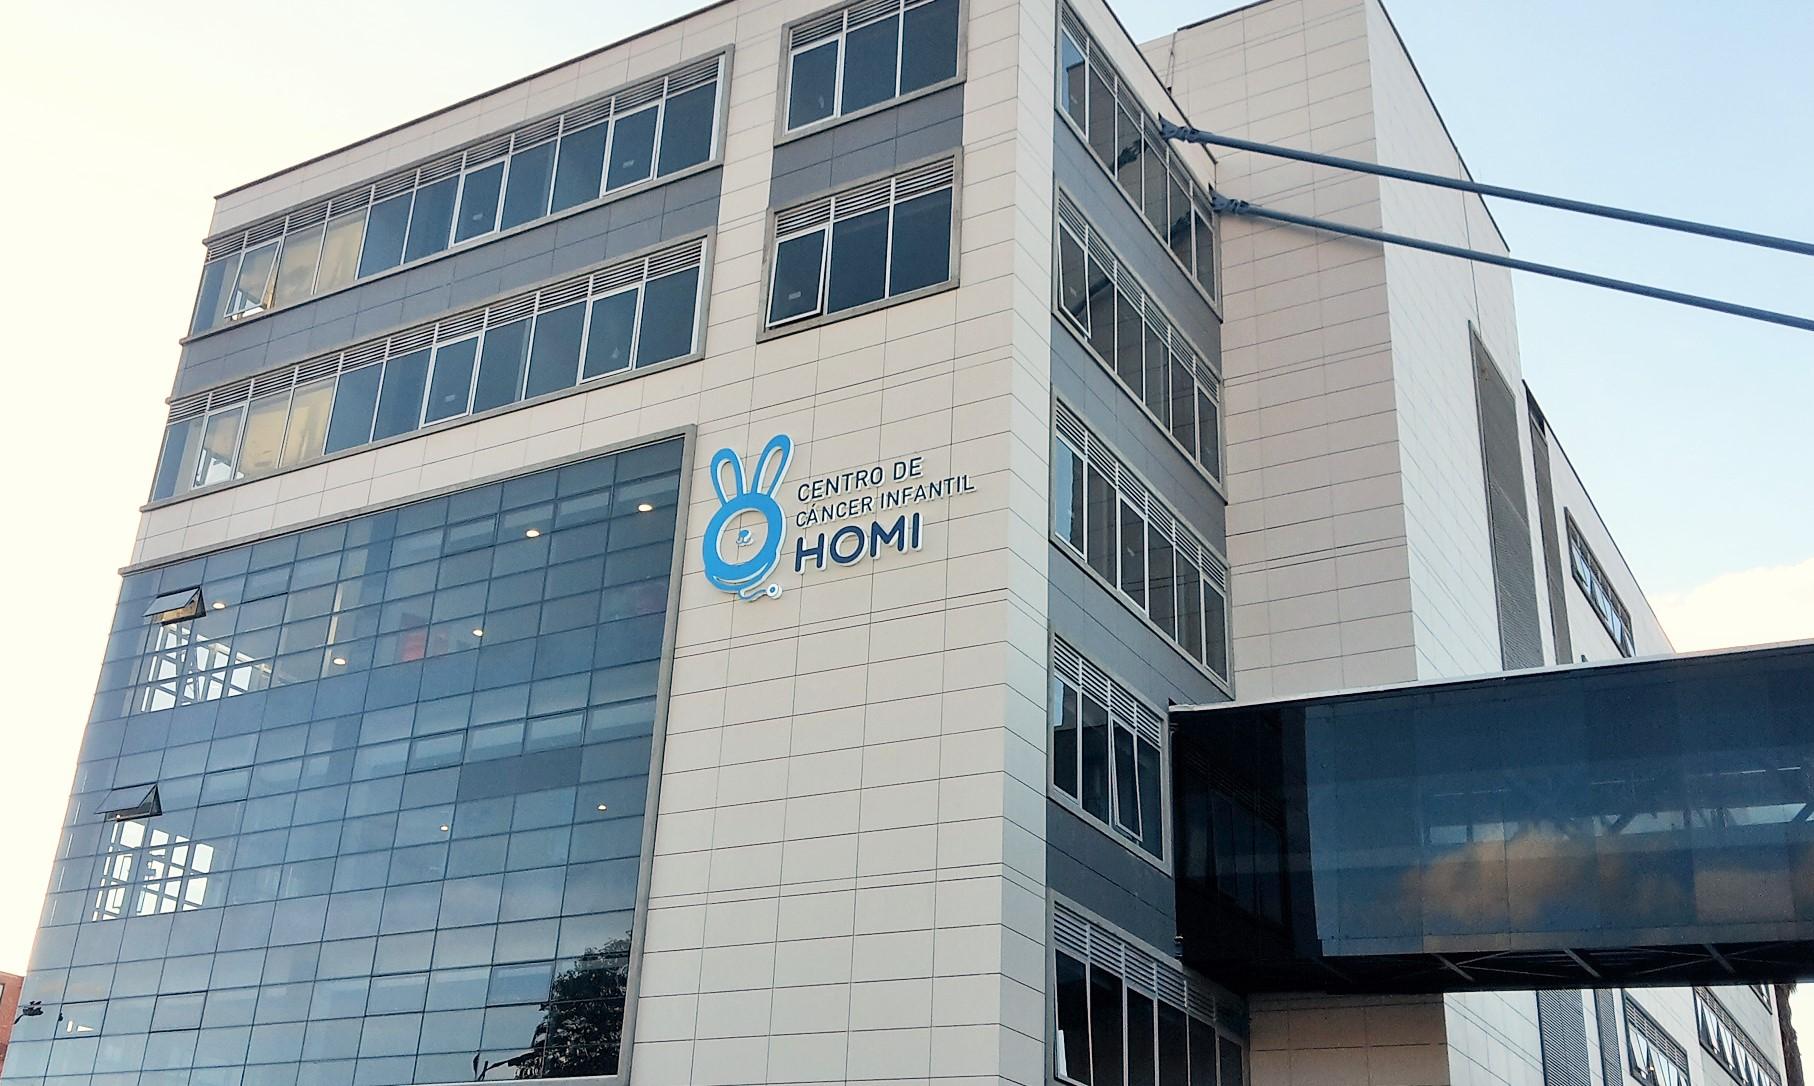 Centro de Cáncer Infantil HOMI